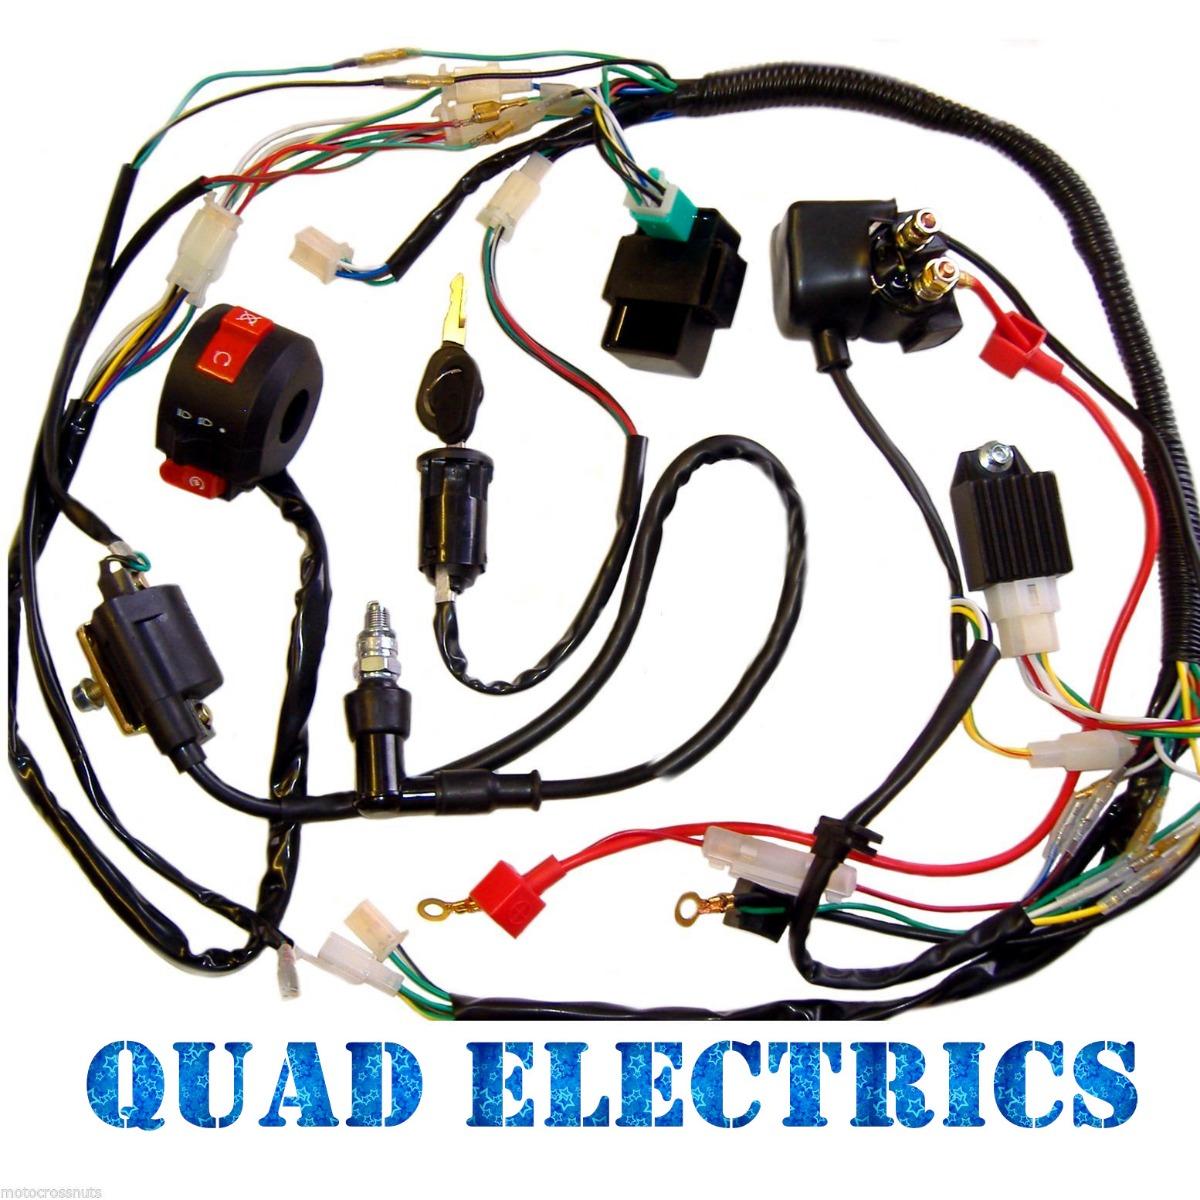 125cc 4 Stroke Atv Wiring Diagram Real 49cc Mini Quad Harness Cdi Coil Kill Key Switch 50cc 110cc Ssr 125 Pit Bike Tao